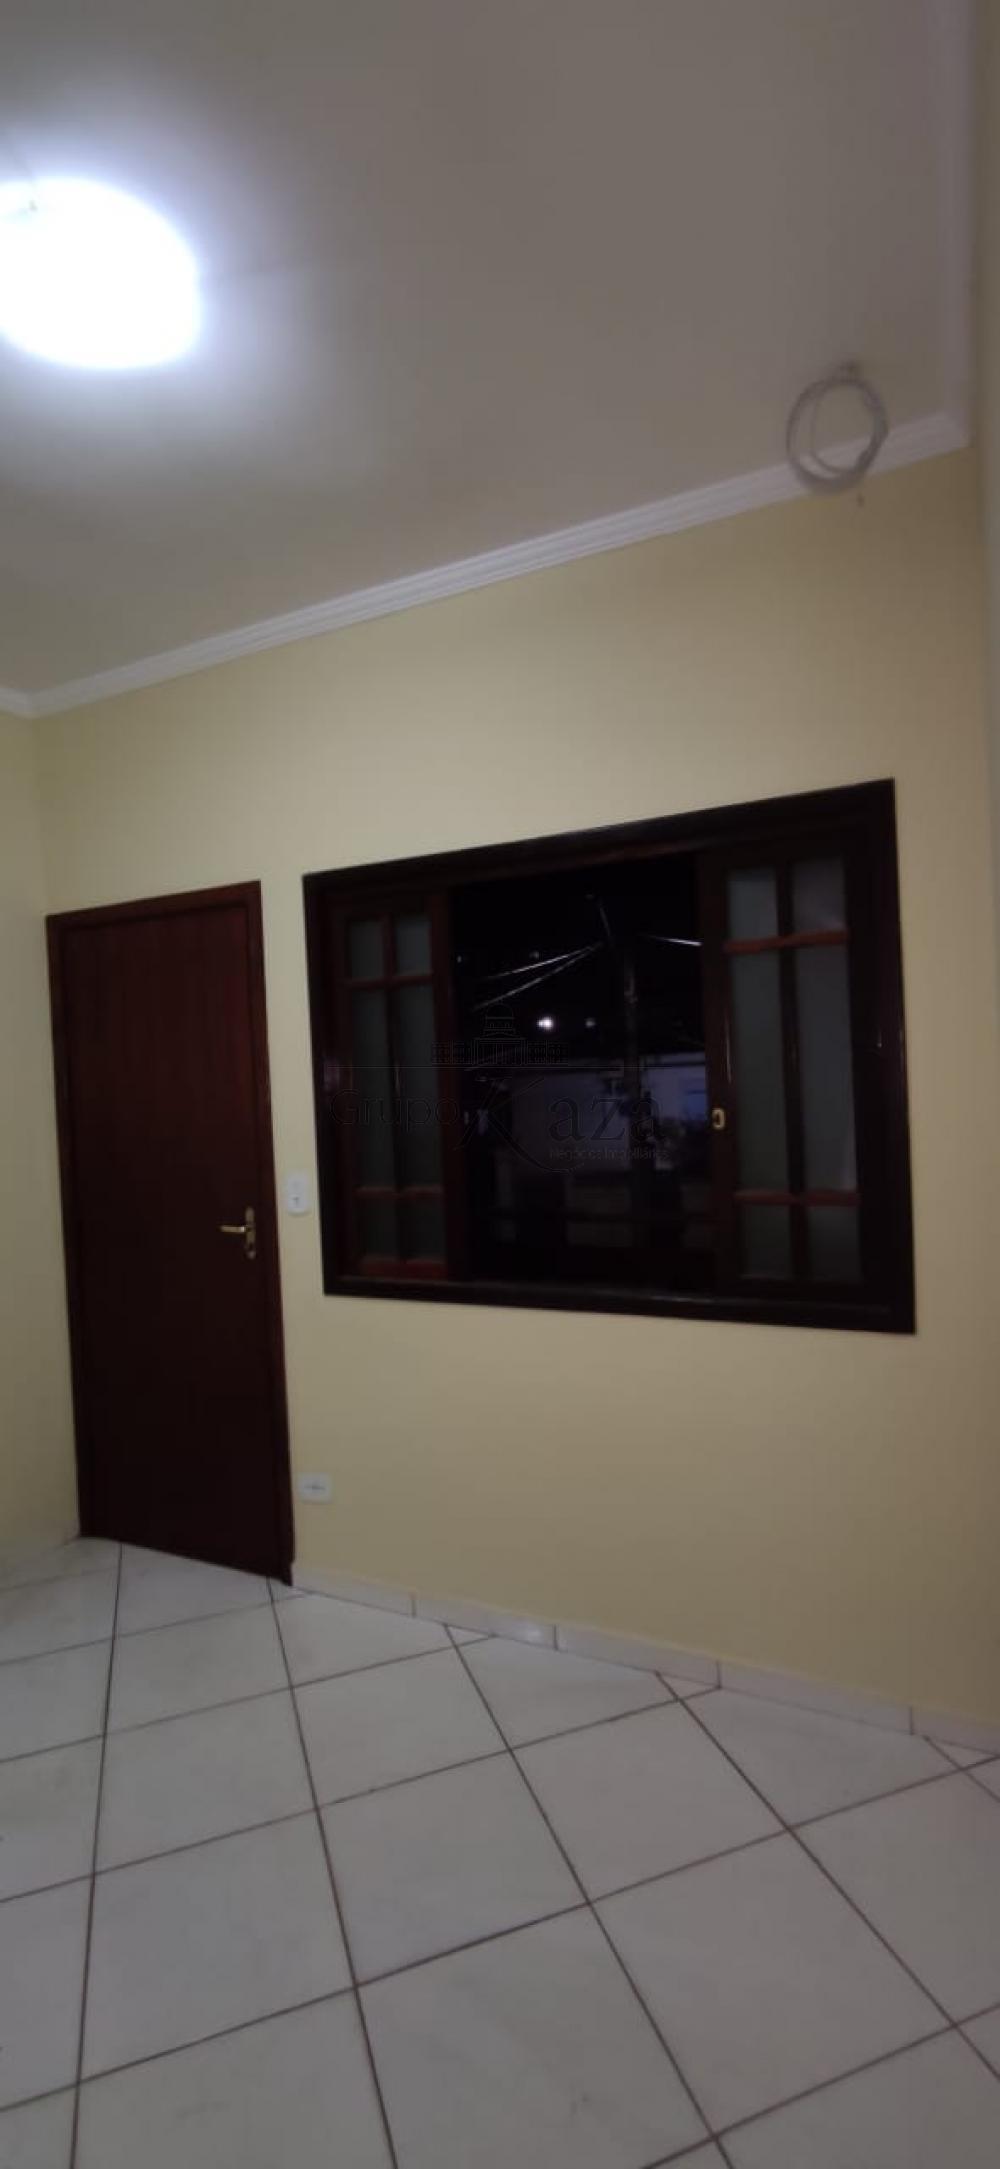 alt='Comprar Casa / Sobrado em São José dos Campos R$ 430.000,00 - Foto 12' title='Comprar Casa / Sobrado em São José dos Campos R$ 430.000,00 - Foto 12'